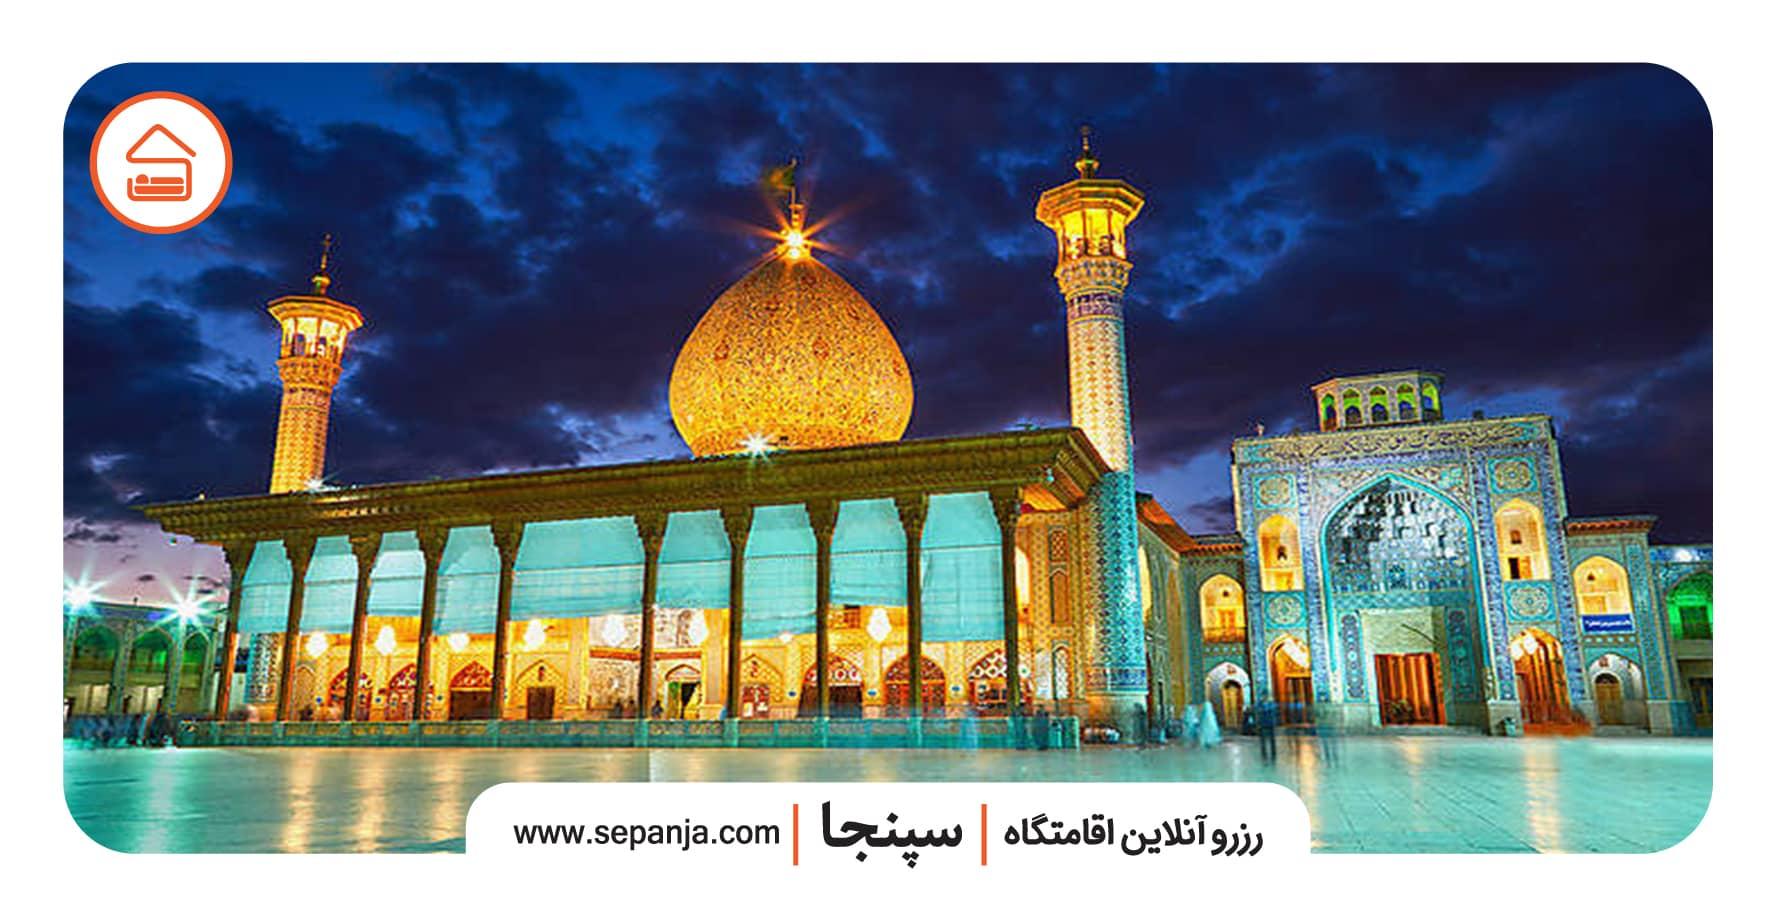 نمایی از شاهچراغ از بهترین جاهای دیدنی شیراز